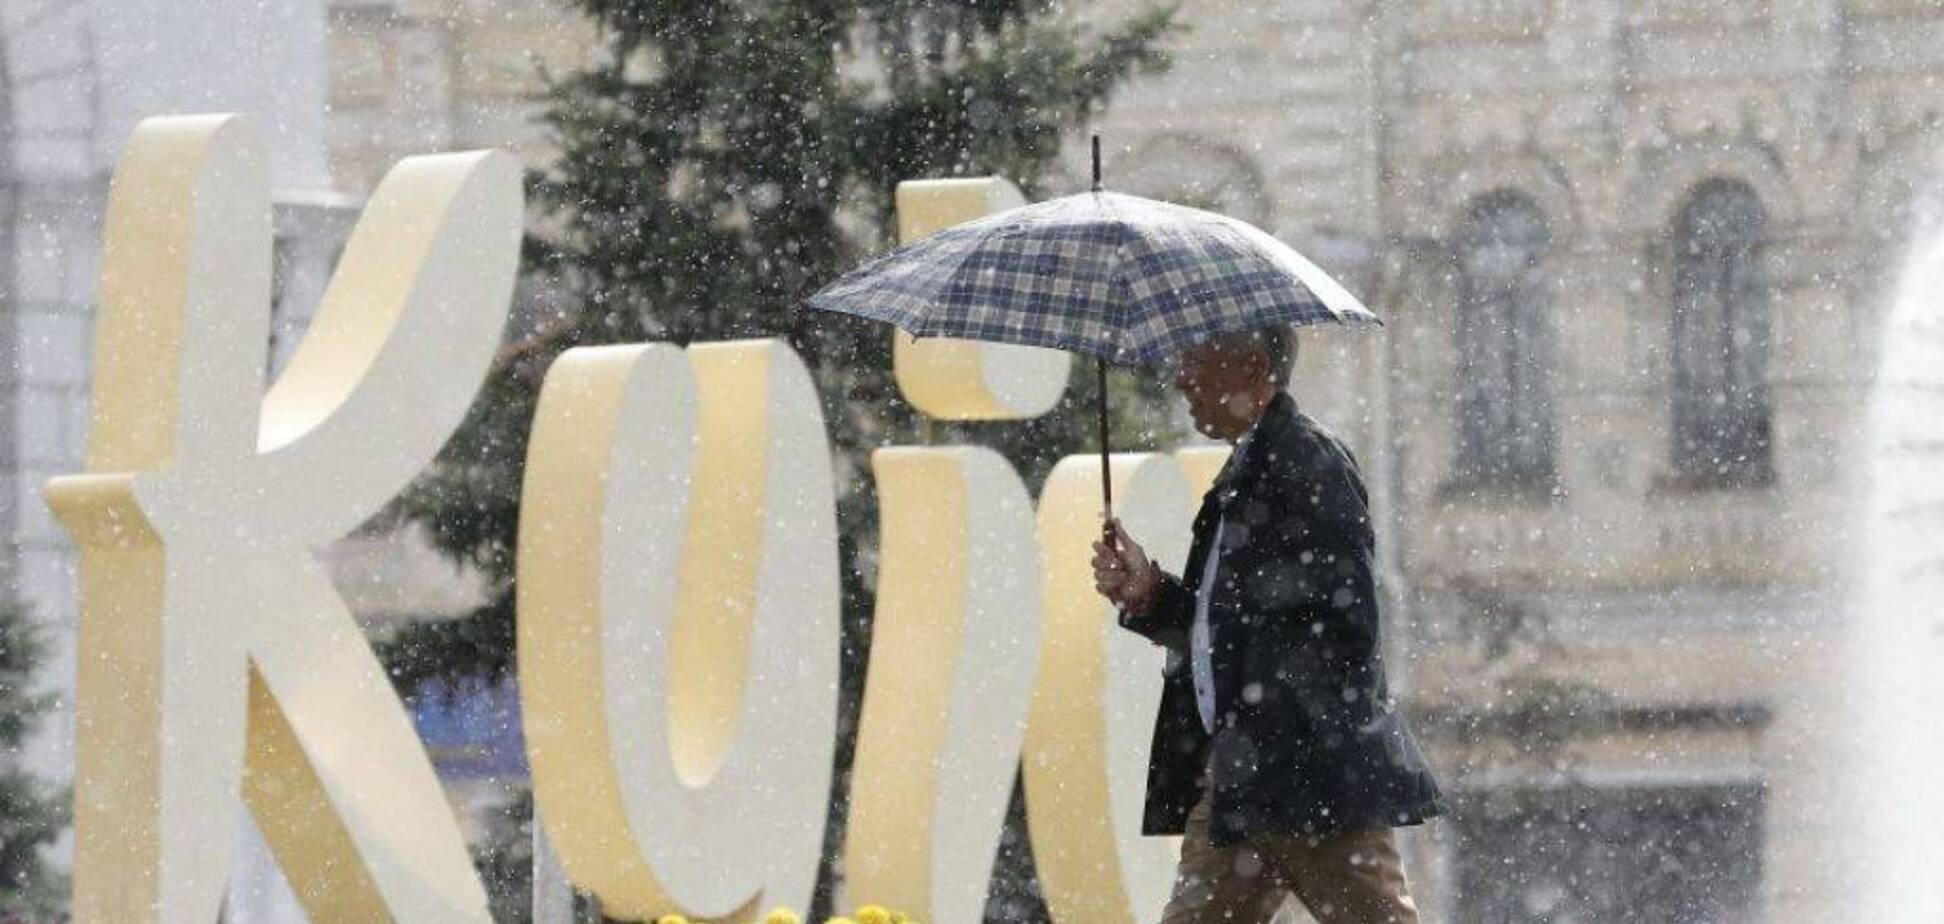 На Киевщину надвигаются дожди. Источник: 112.ua